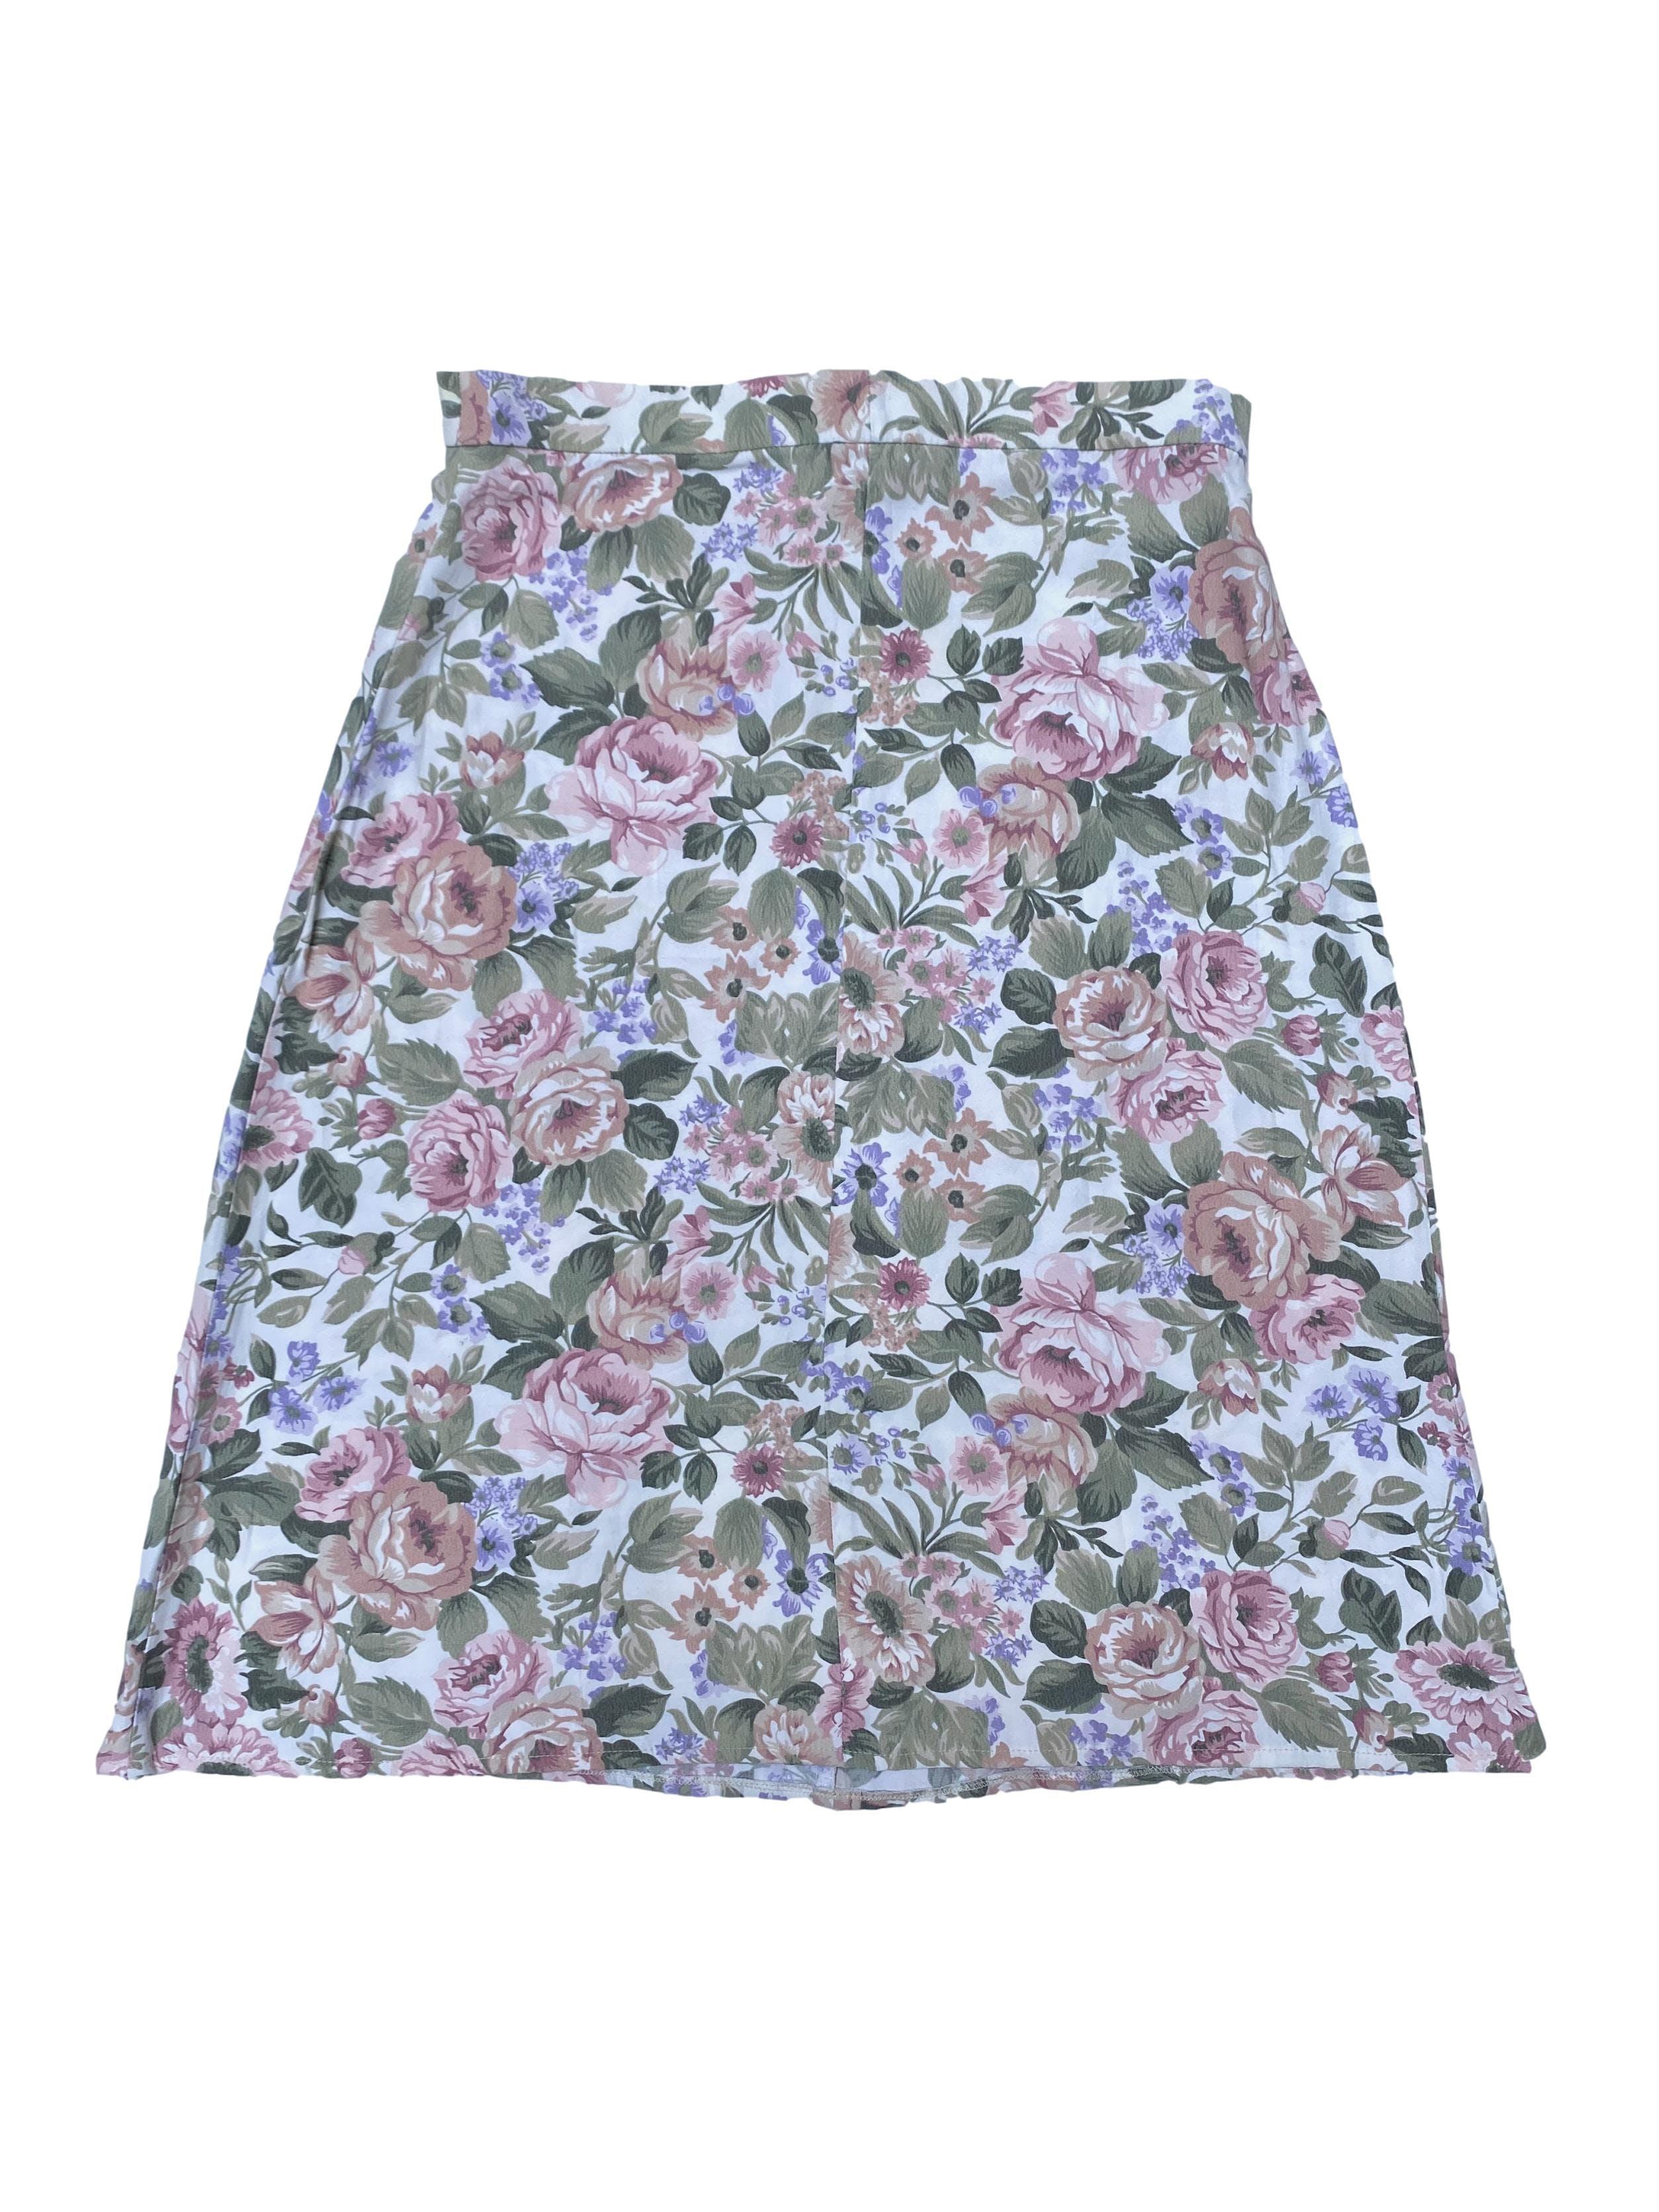 Falda vintage crema con estampado de flores, corte en A, con cierre y botón posterior. Cintura 72cm Largo 62cm